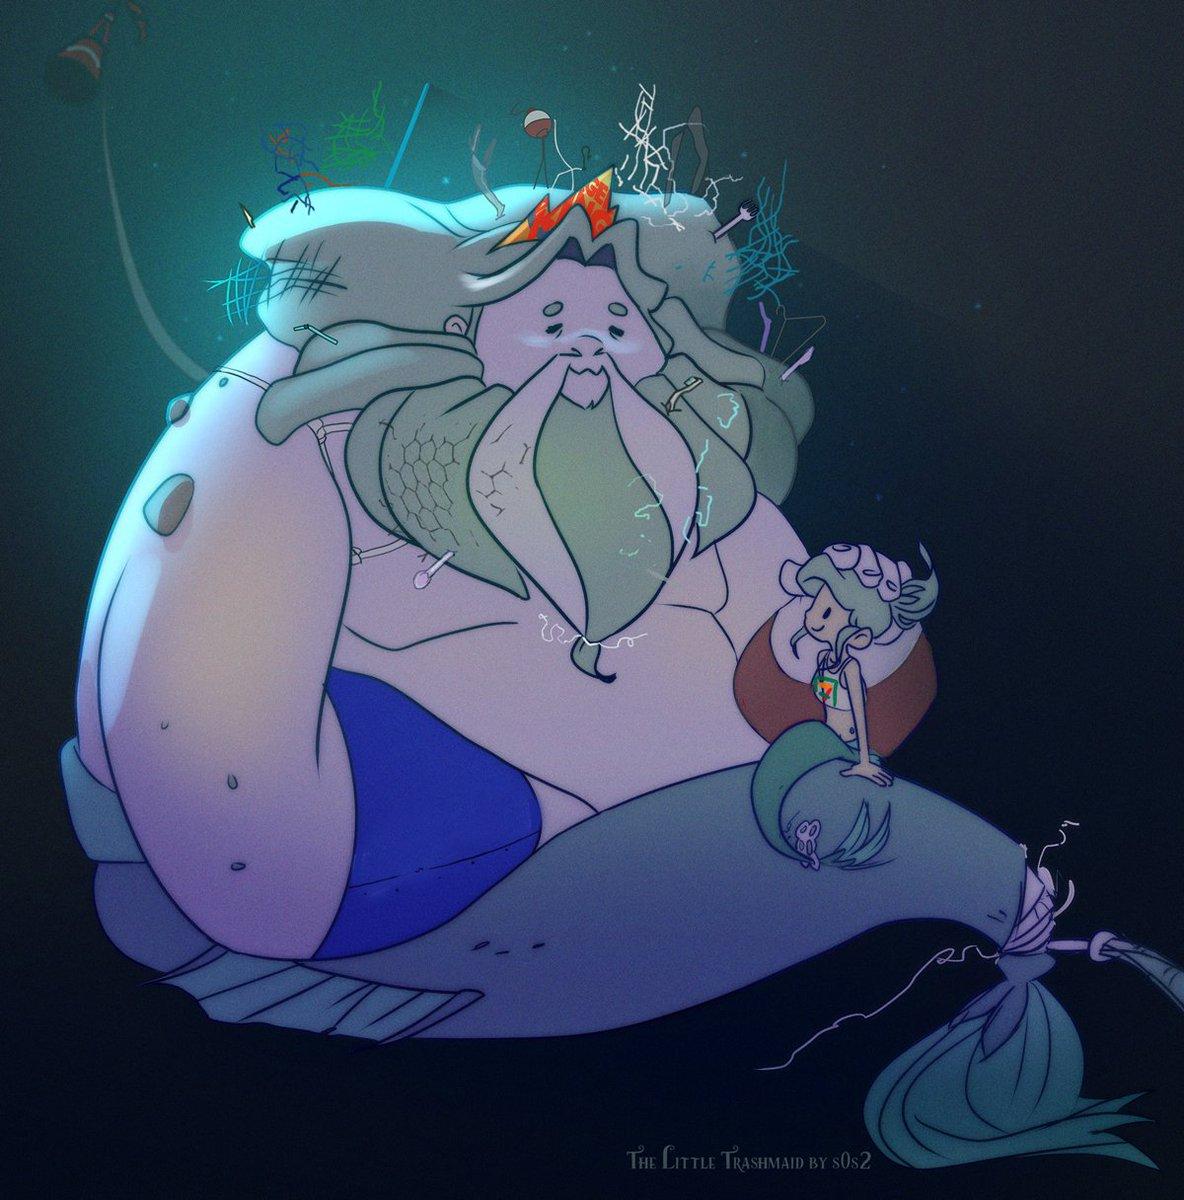 Trashdad™  #thelittletrashmaid #trashmaid #trashdad #mermaid #merman #savetheplanet <br>http://pic.twitter.com/Vw0F34Y6Yf